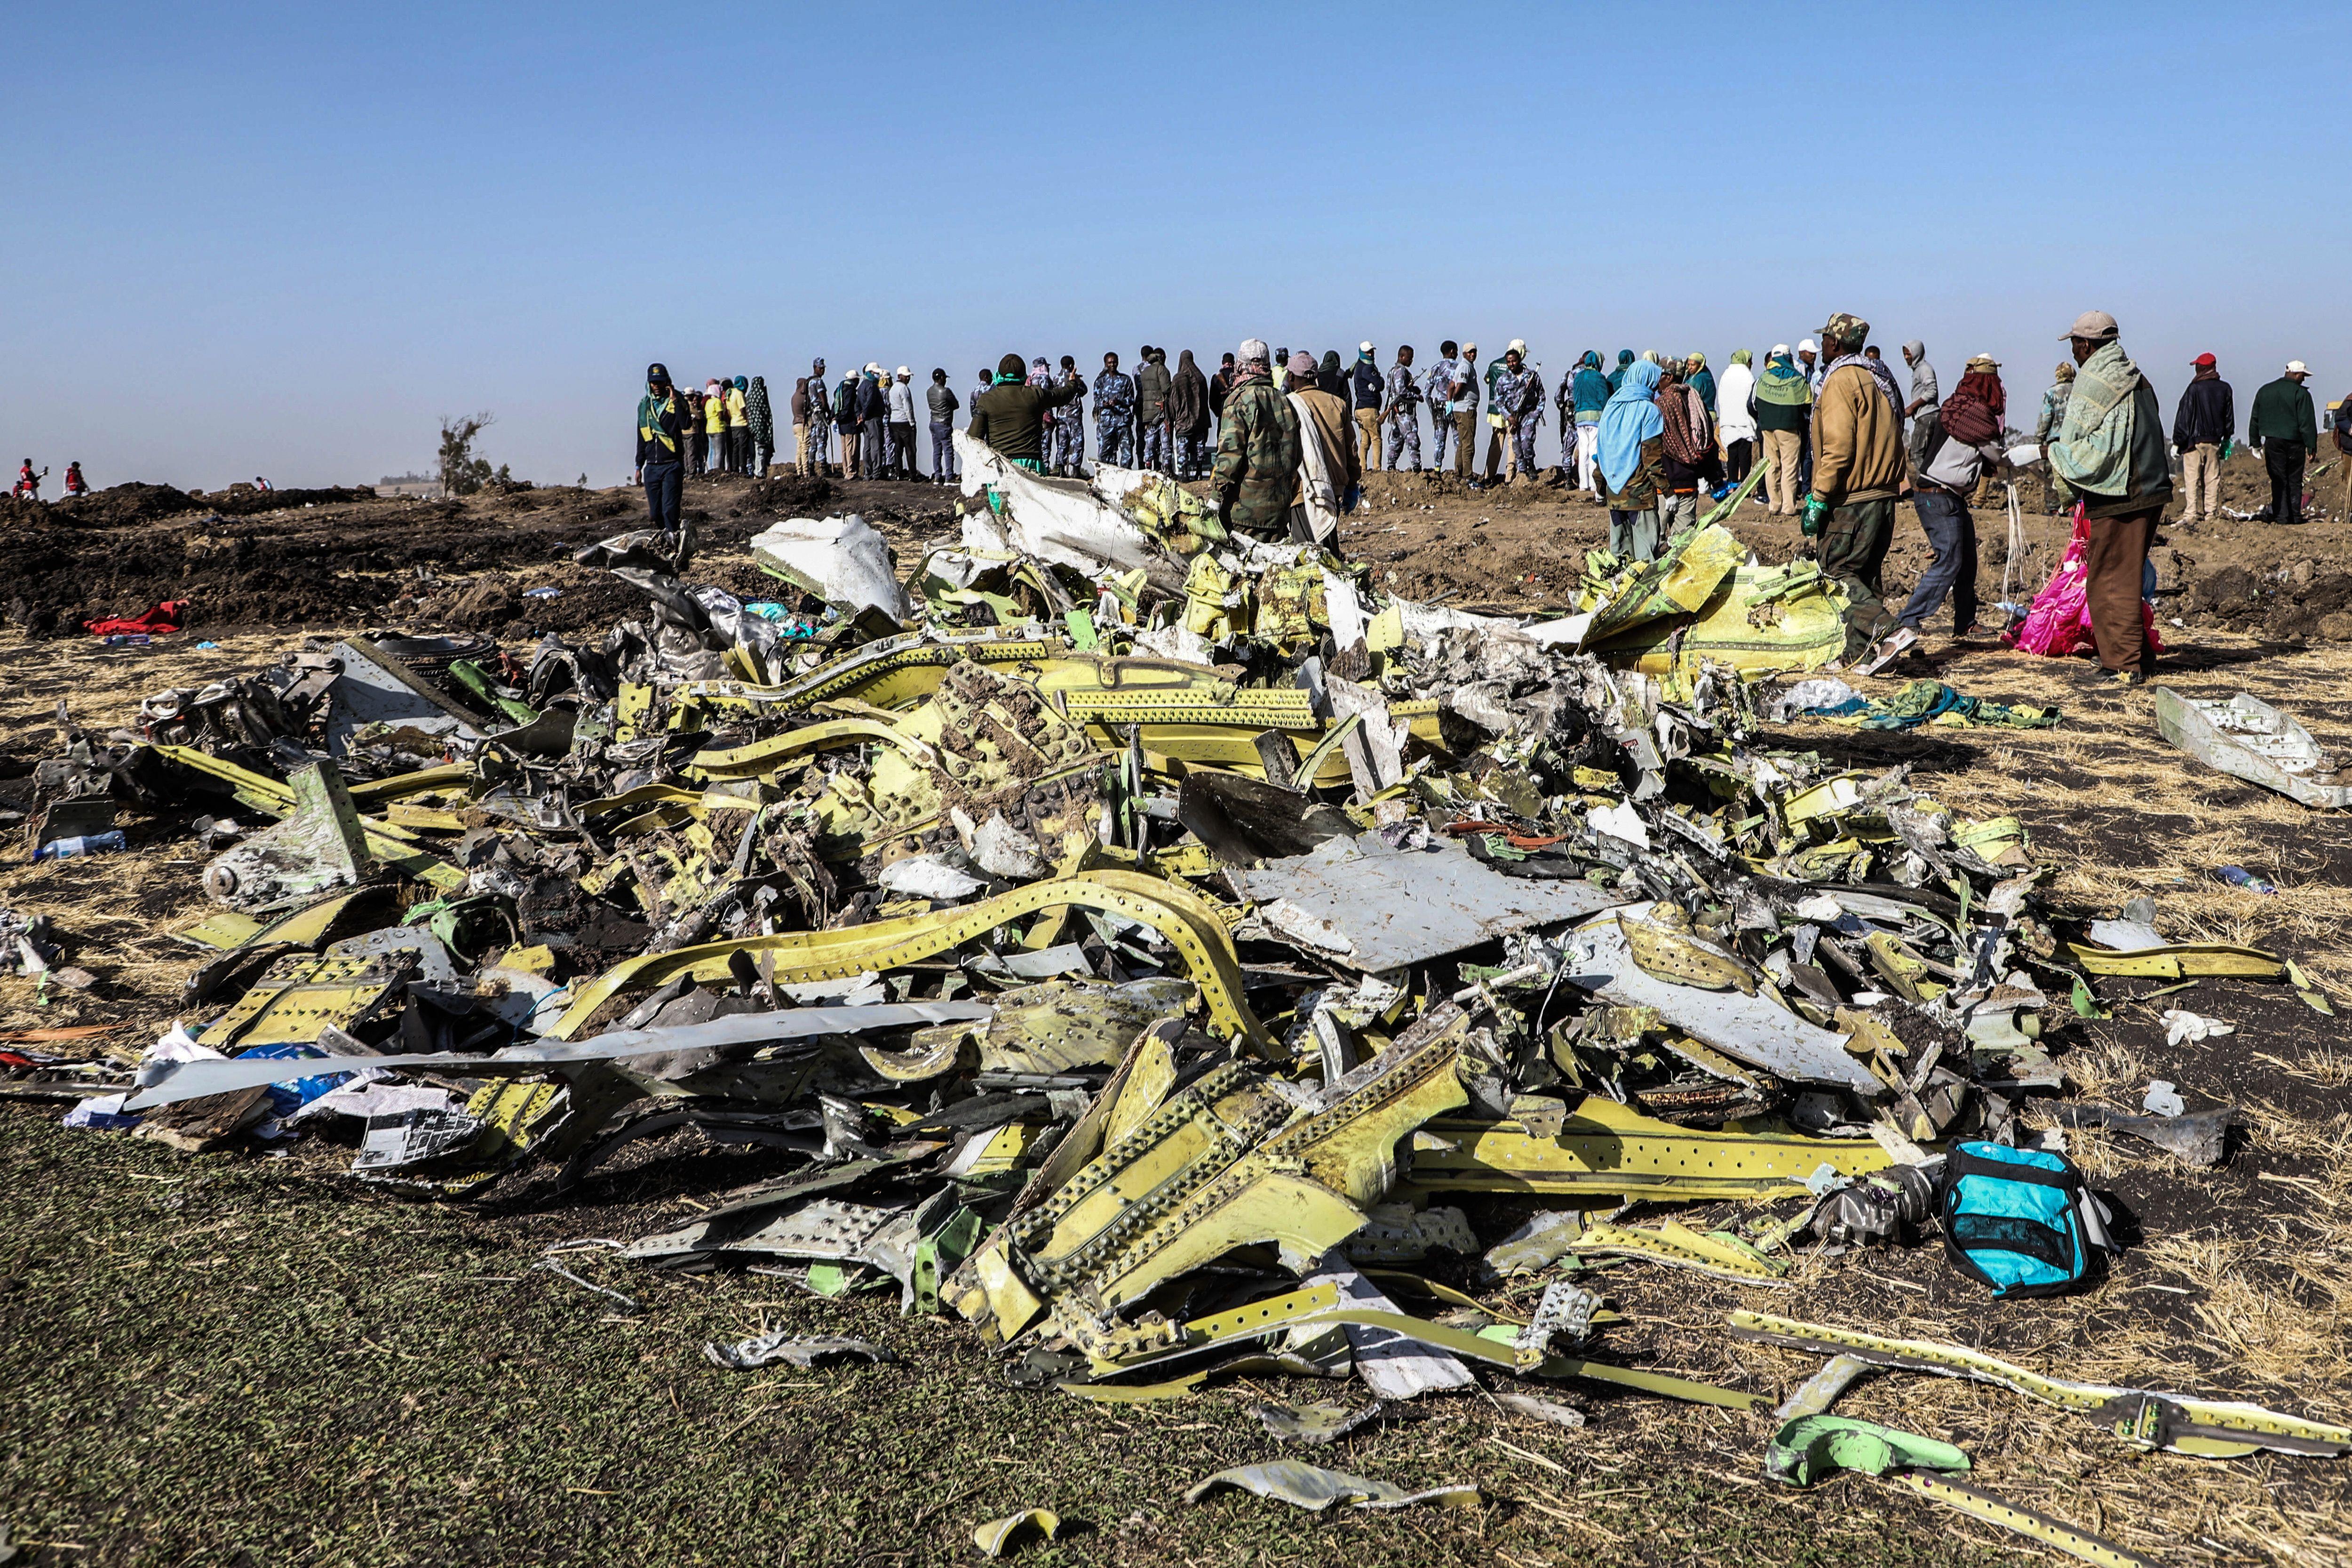 埃塞墜機 8名中國人遇難 更多細節披露